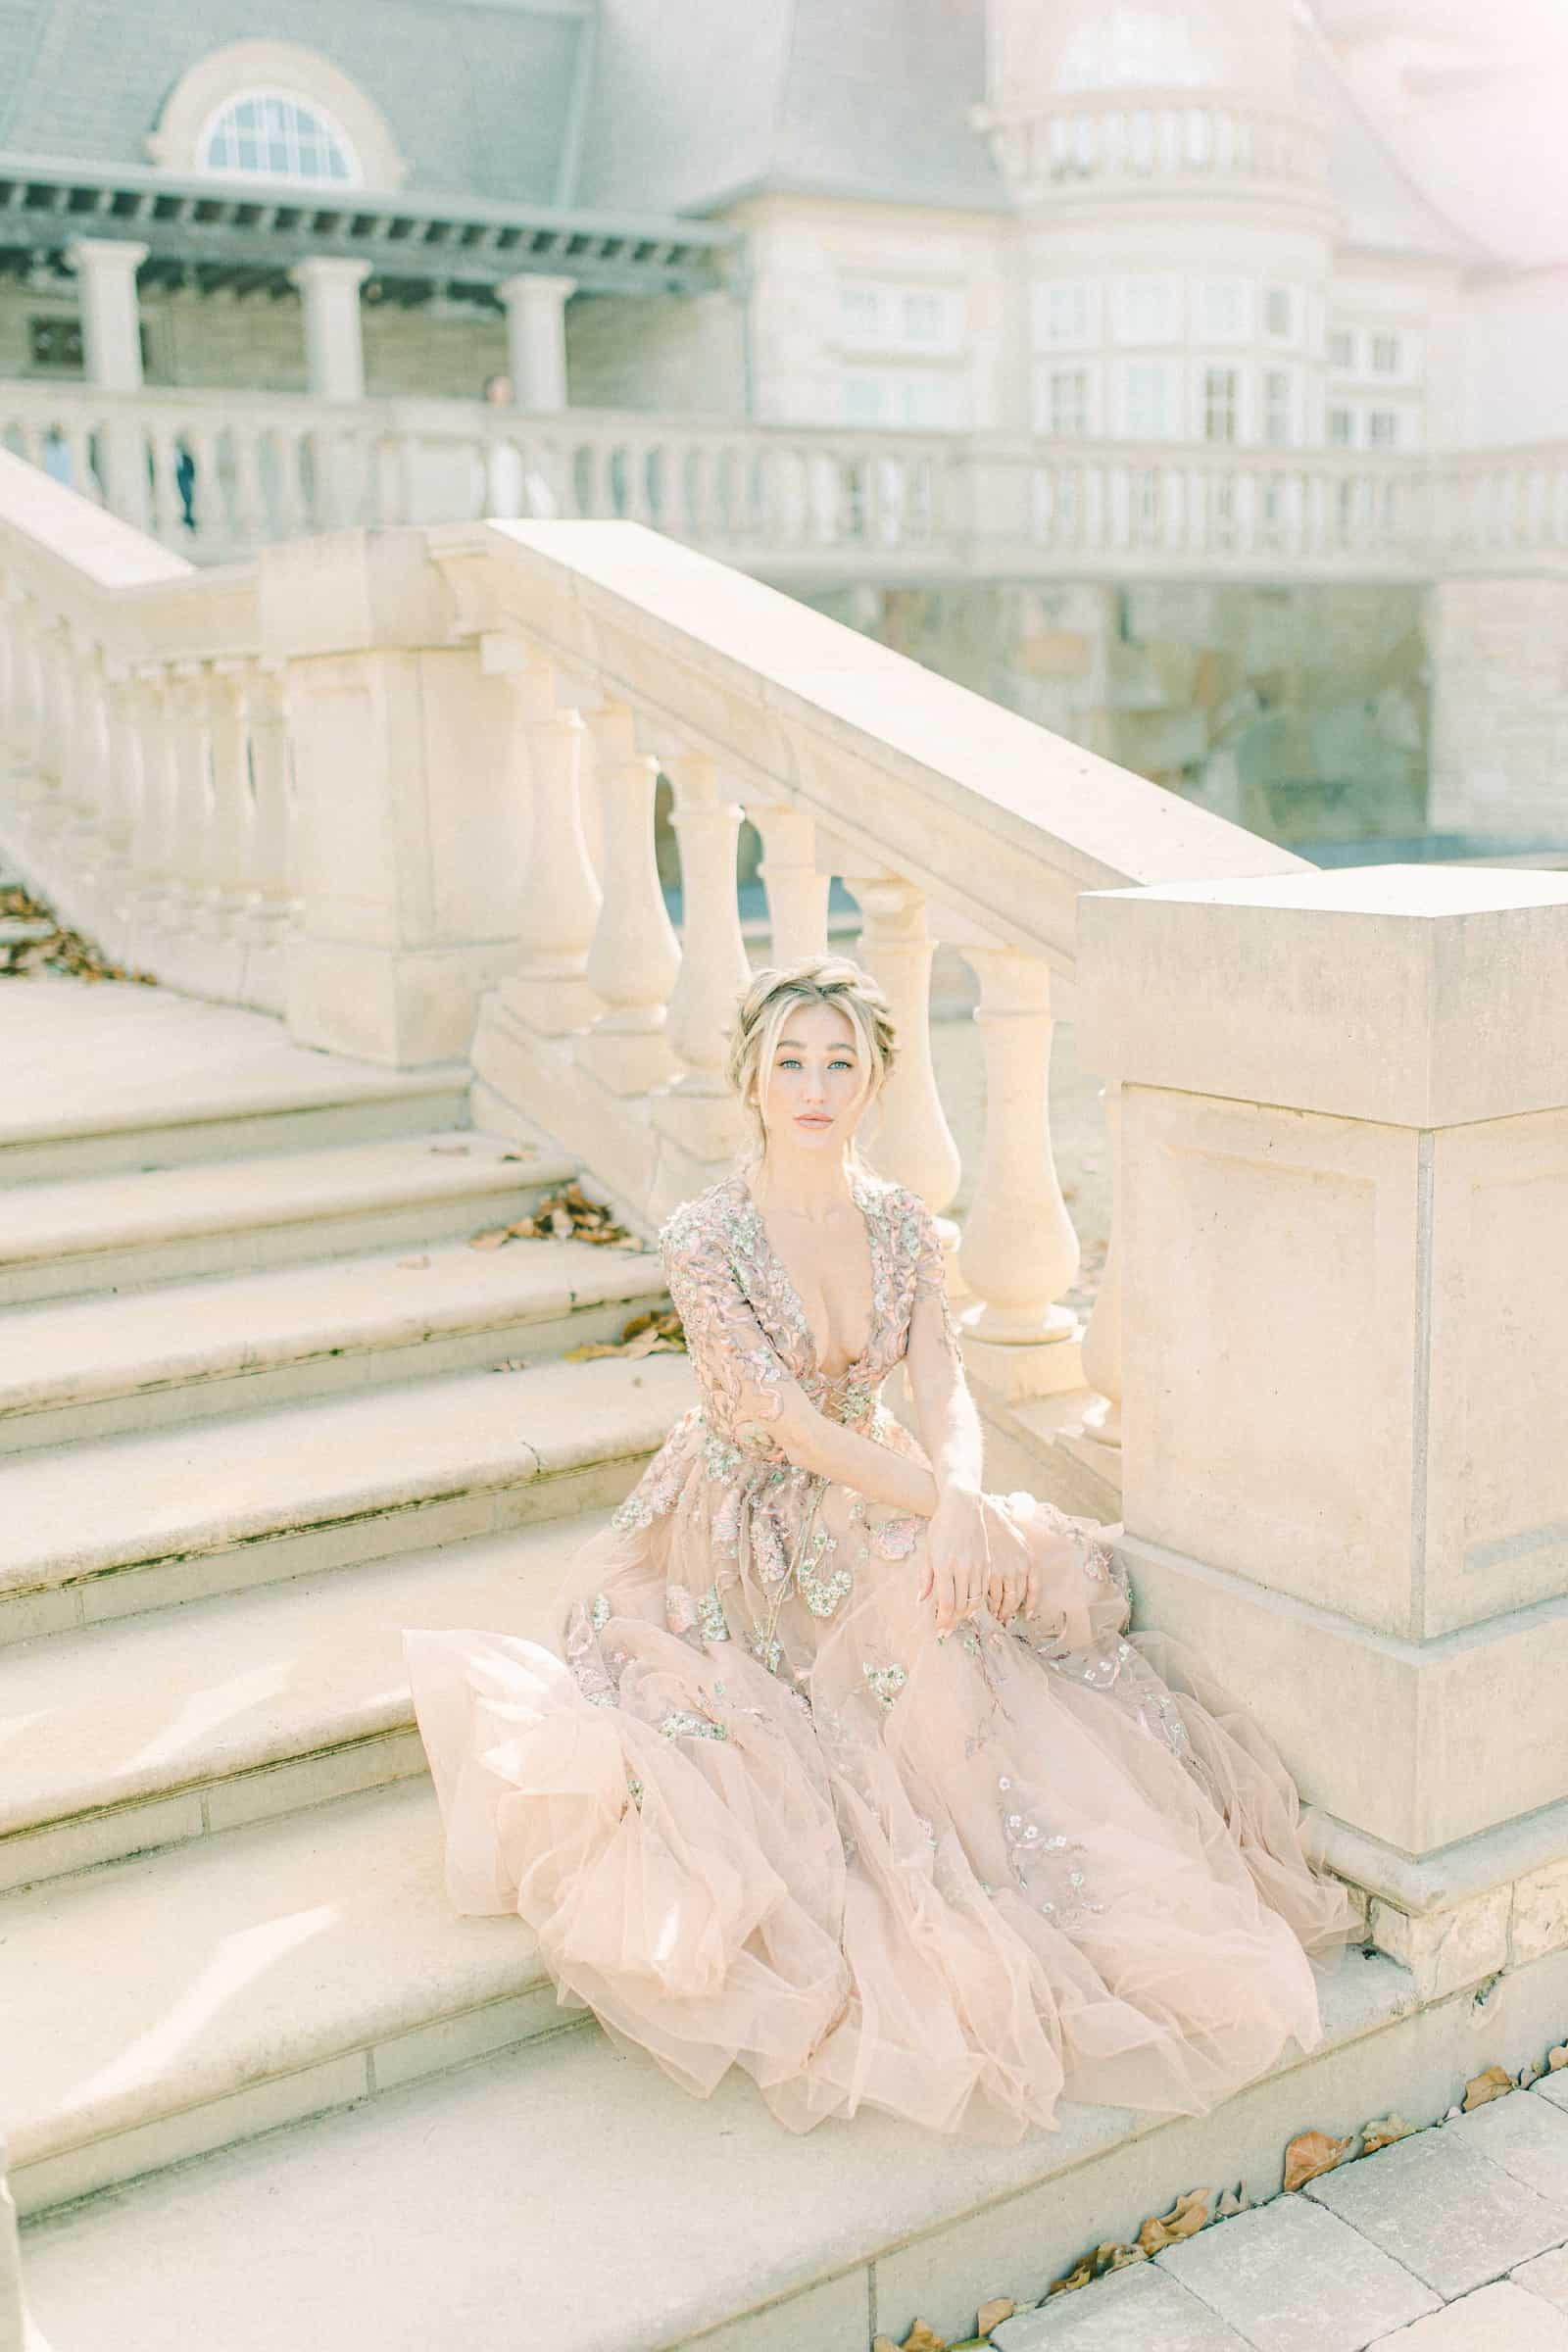 Bride wearing flowy tulle wedding dress, modern wedding dress designer, couture wedding dress